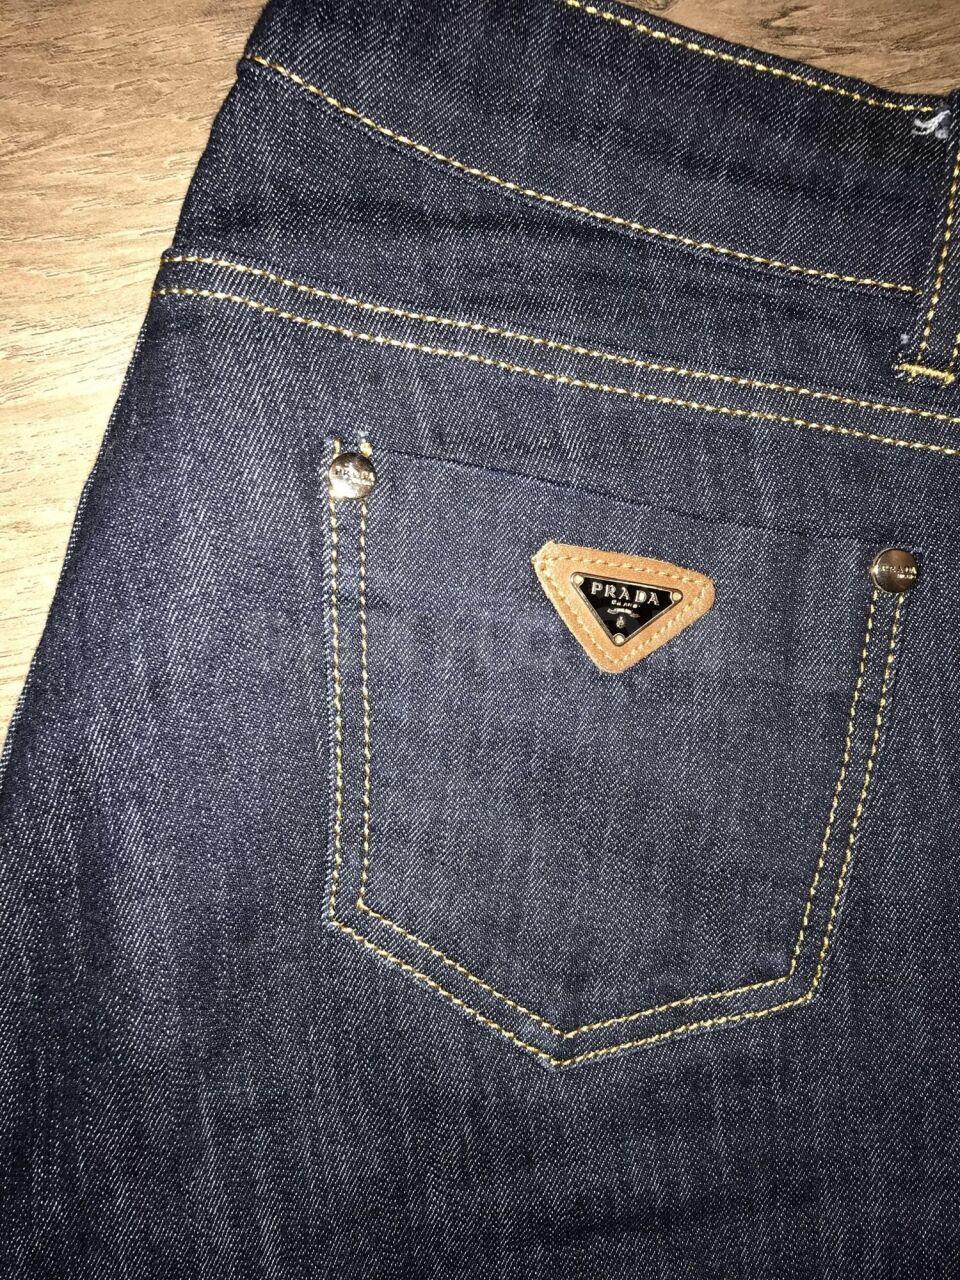 c47441b95e5a Продам темно-синие джинсы, стрейч, качество отличное, размер 46, как новые,  производство Турция.